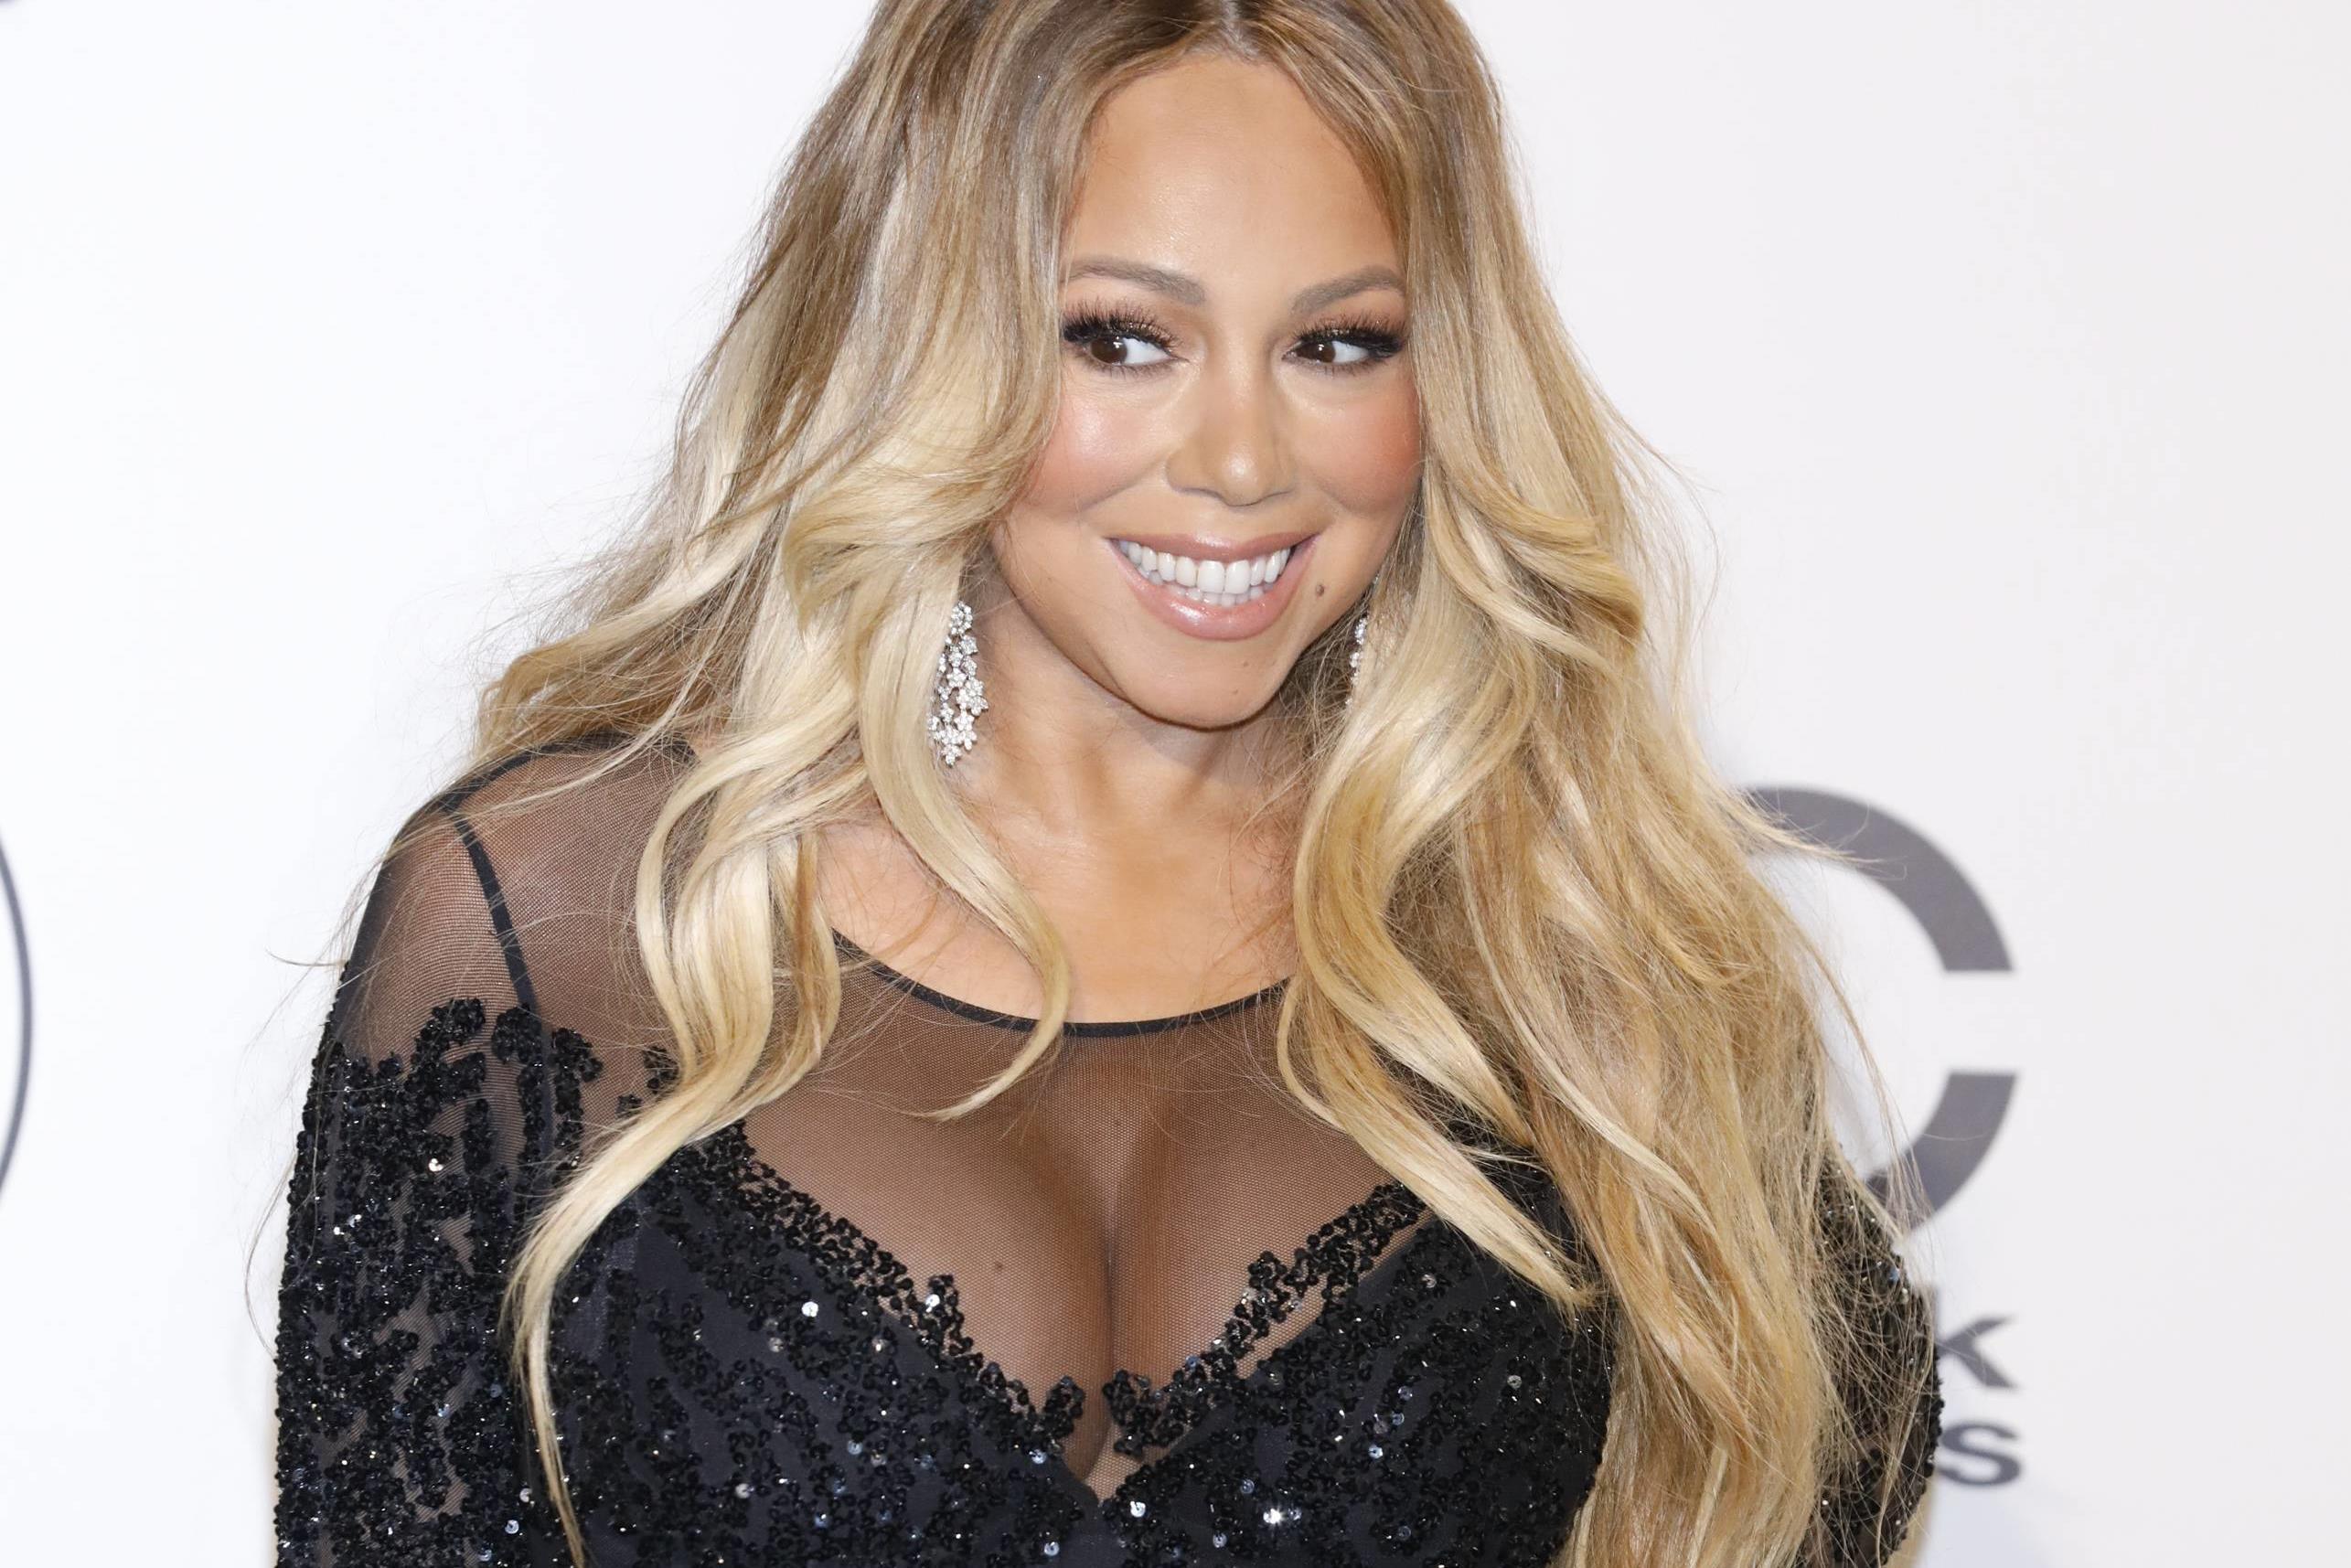 Mariah Carey megmutatta magát bikiniben: hihetetlen, mennyire lefogyott